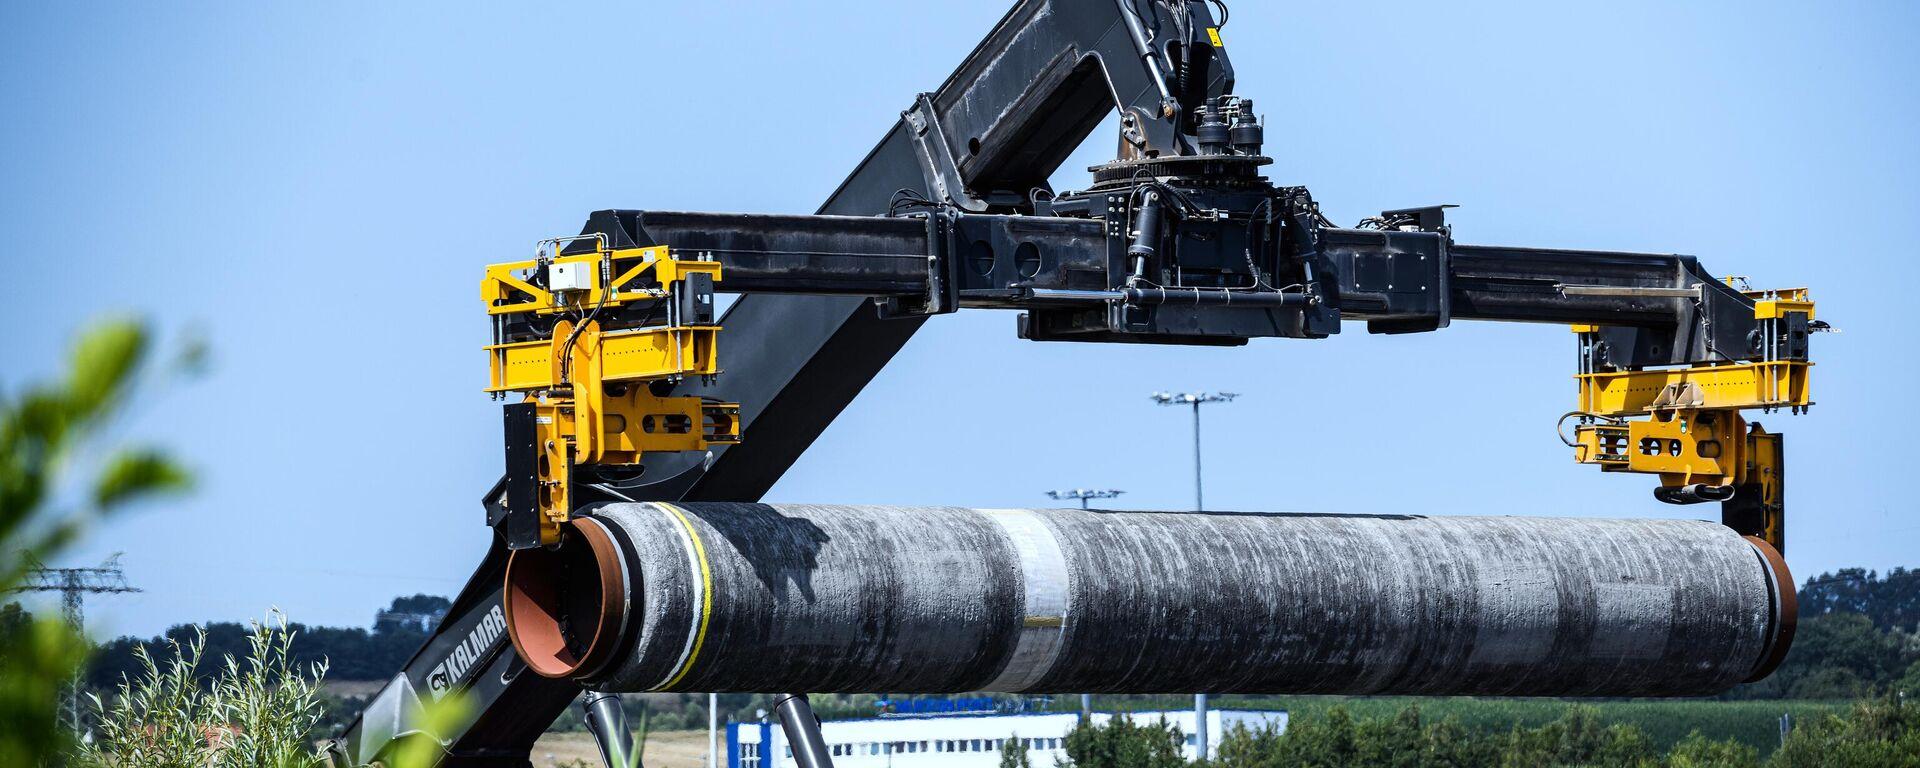 Труба для газопровода Северный поток - 2 на территории немецкого порта Мукран - Sputnik Латвия, 1920, 09.09.2021